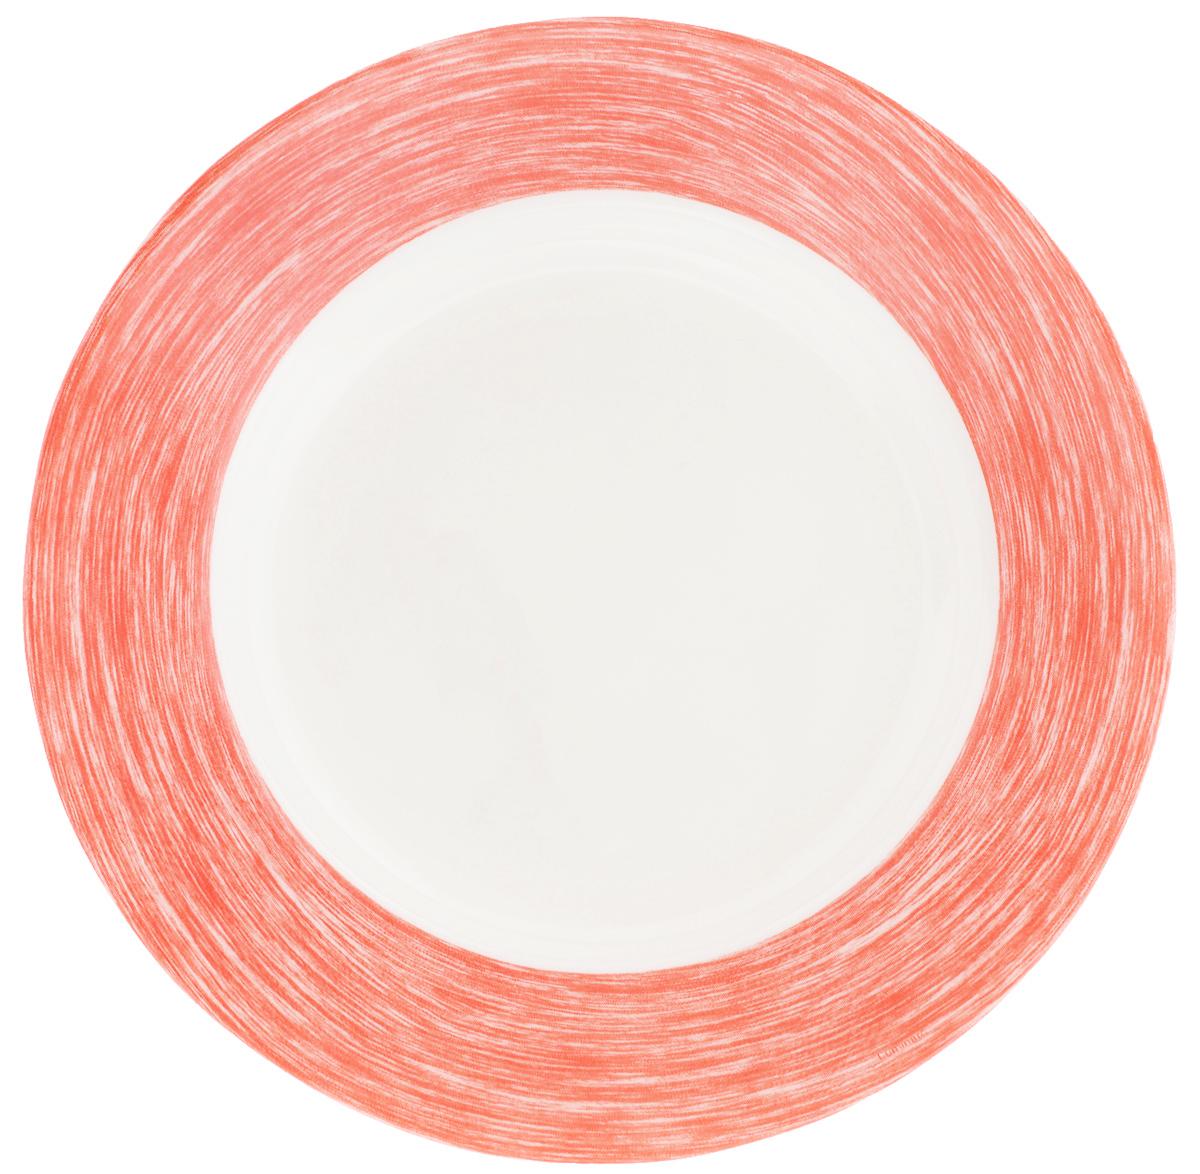 Тарелка суповая Luminarc Color Days, цвет: белый, красный, диаметр 22 смL1526Суповая тарелка Luminarc Color Days выполнена из ударопрочного стекла. Она прекрасно впишется в интерьер вашей кухни и станет достойным дополнением к кухонному инвентарю. Тарелка Luminarc Color Days подчеркнет прекрасный вкус хозяйки и станет отличным подарком. Можно мыть в посудомоечной машине и использовать в микроволновой печи. Диаметр тарелки: 22 см.